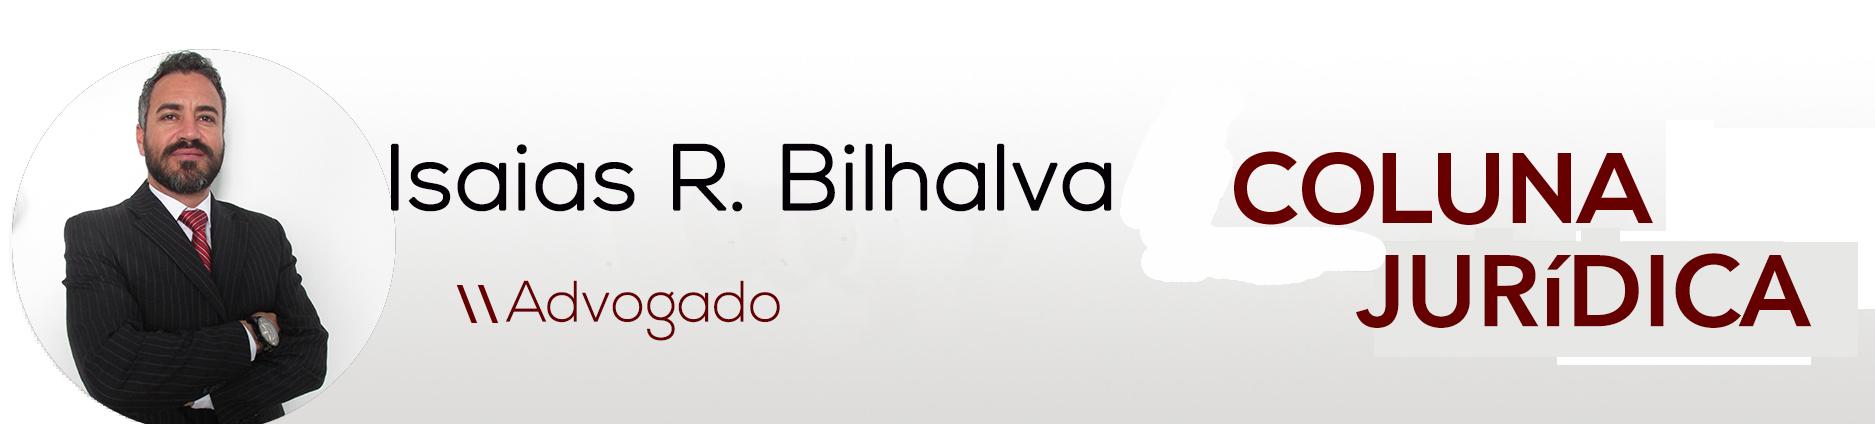 PADRÃO COLUNA JURÍDICA_ISAIAS